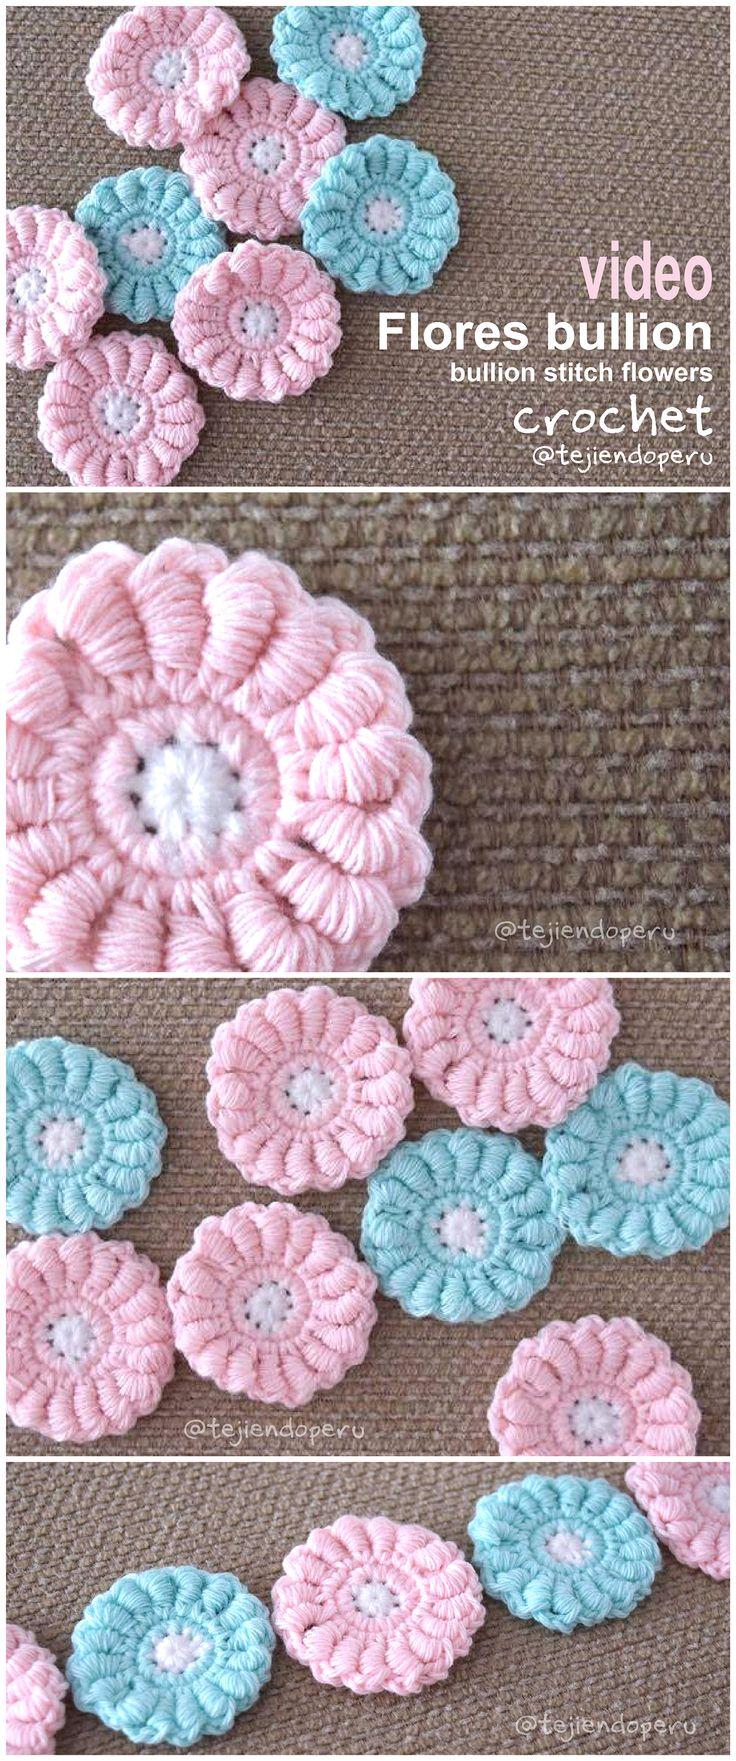 Crochet: flores bullion paso a paso!  Crochet bullion stitch flowers!